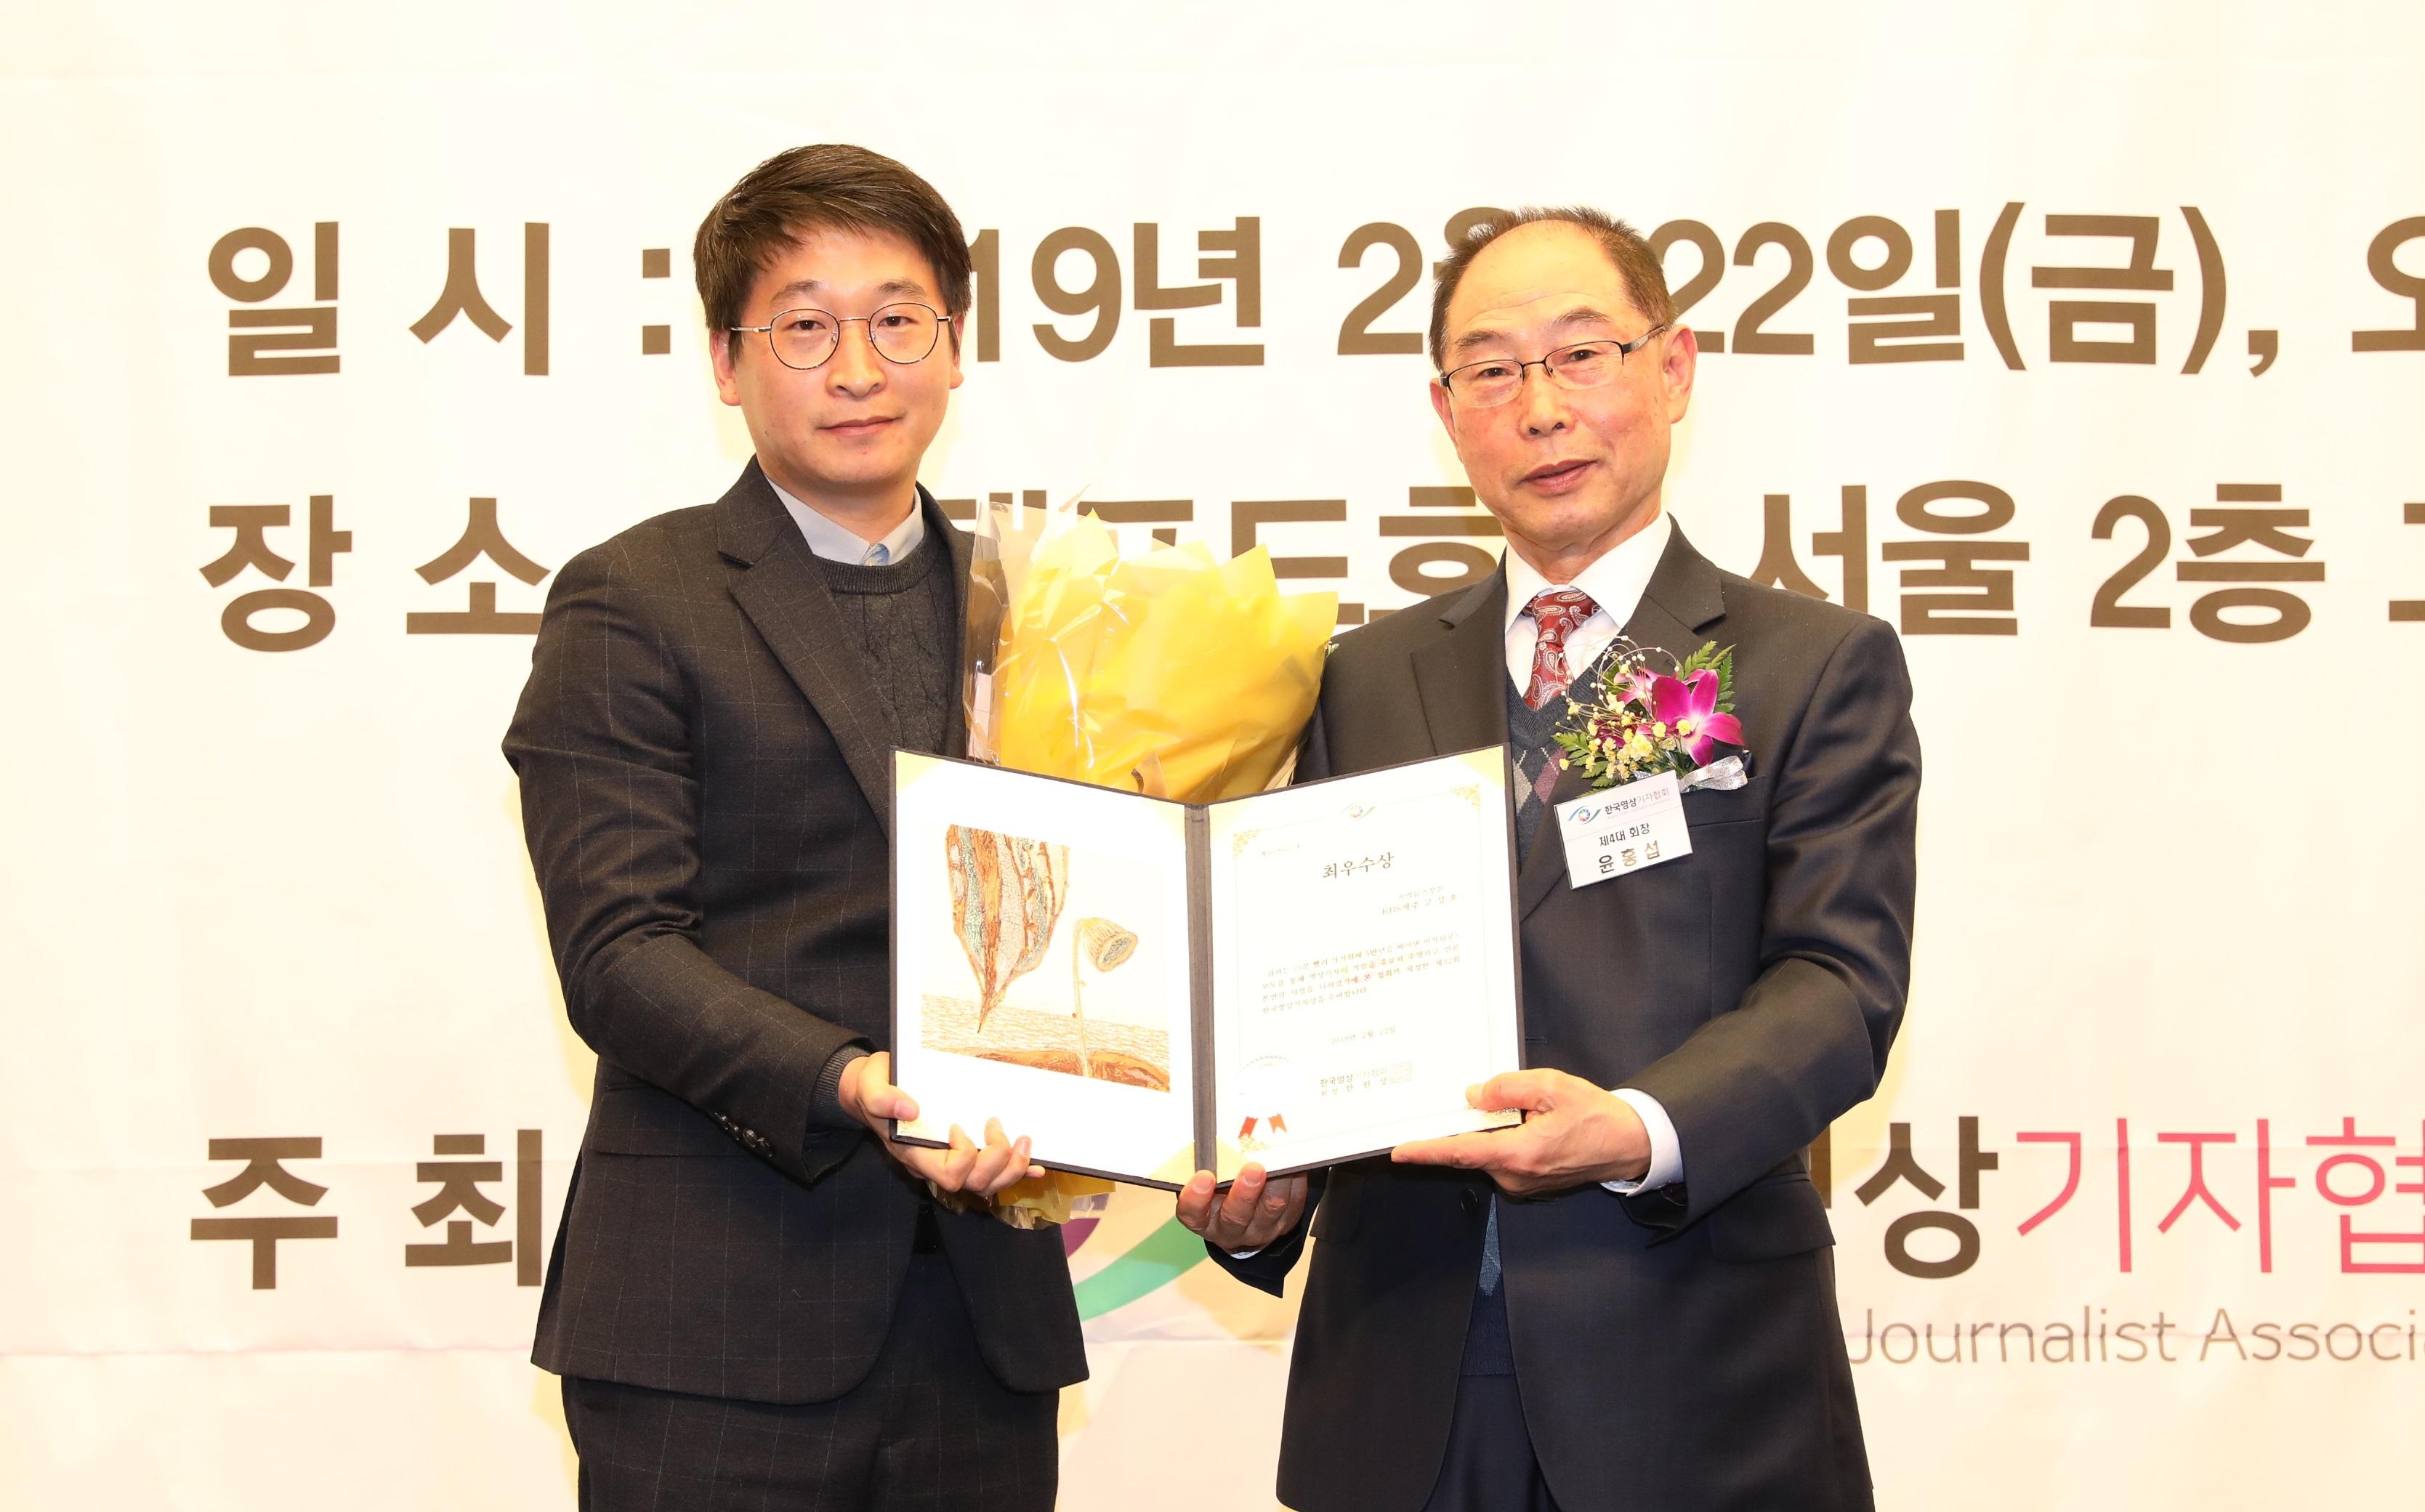 2.지역뉴스부문 최우수상 KBS제주 고성호.jpg